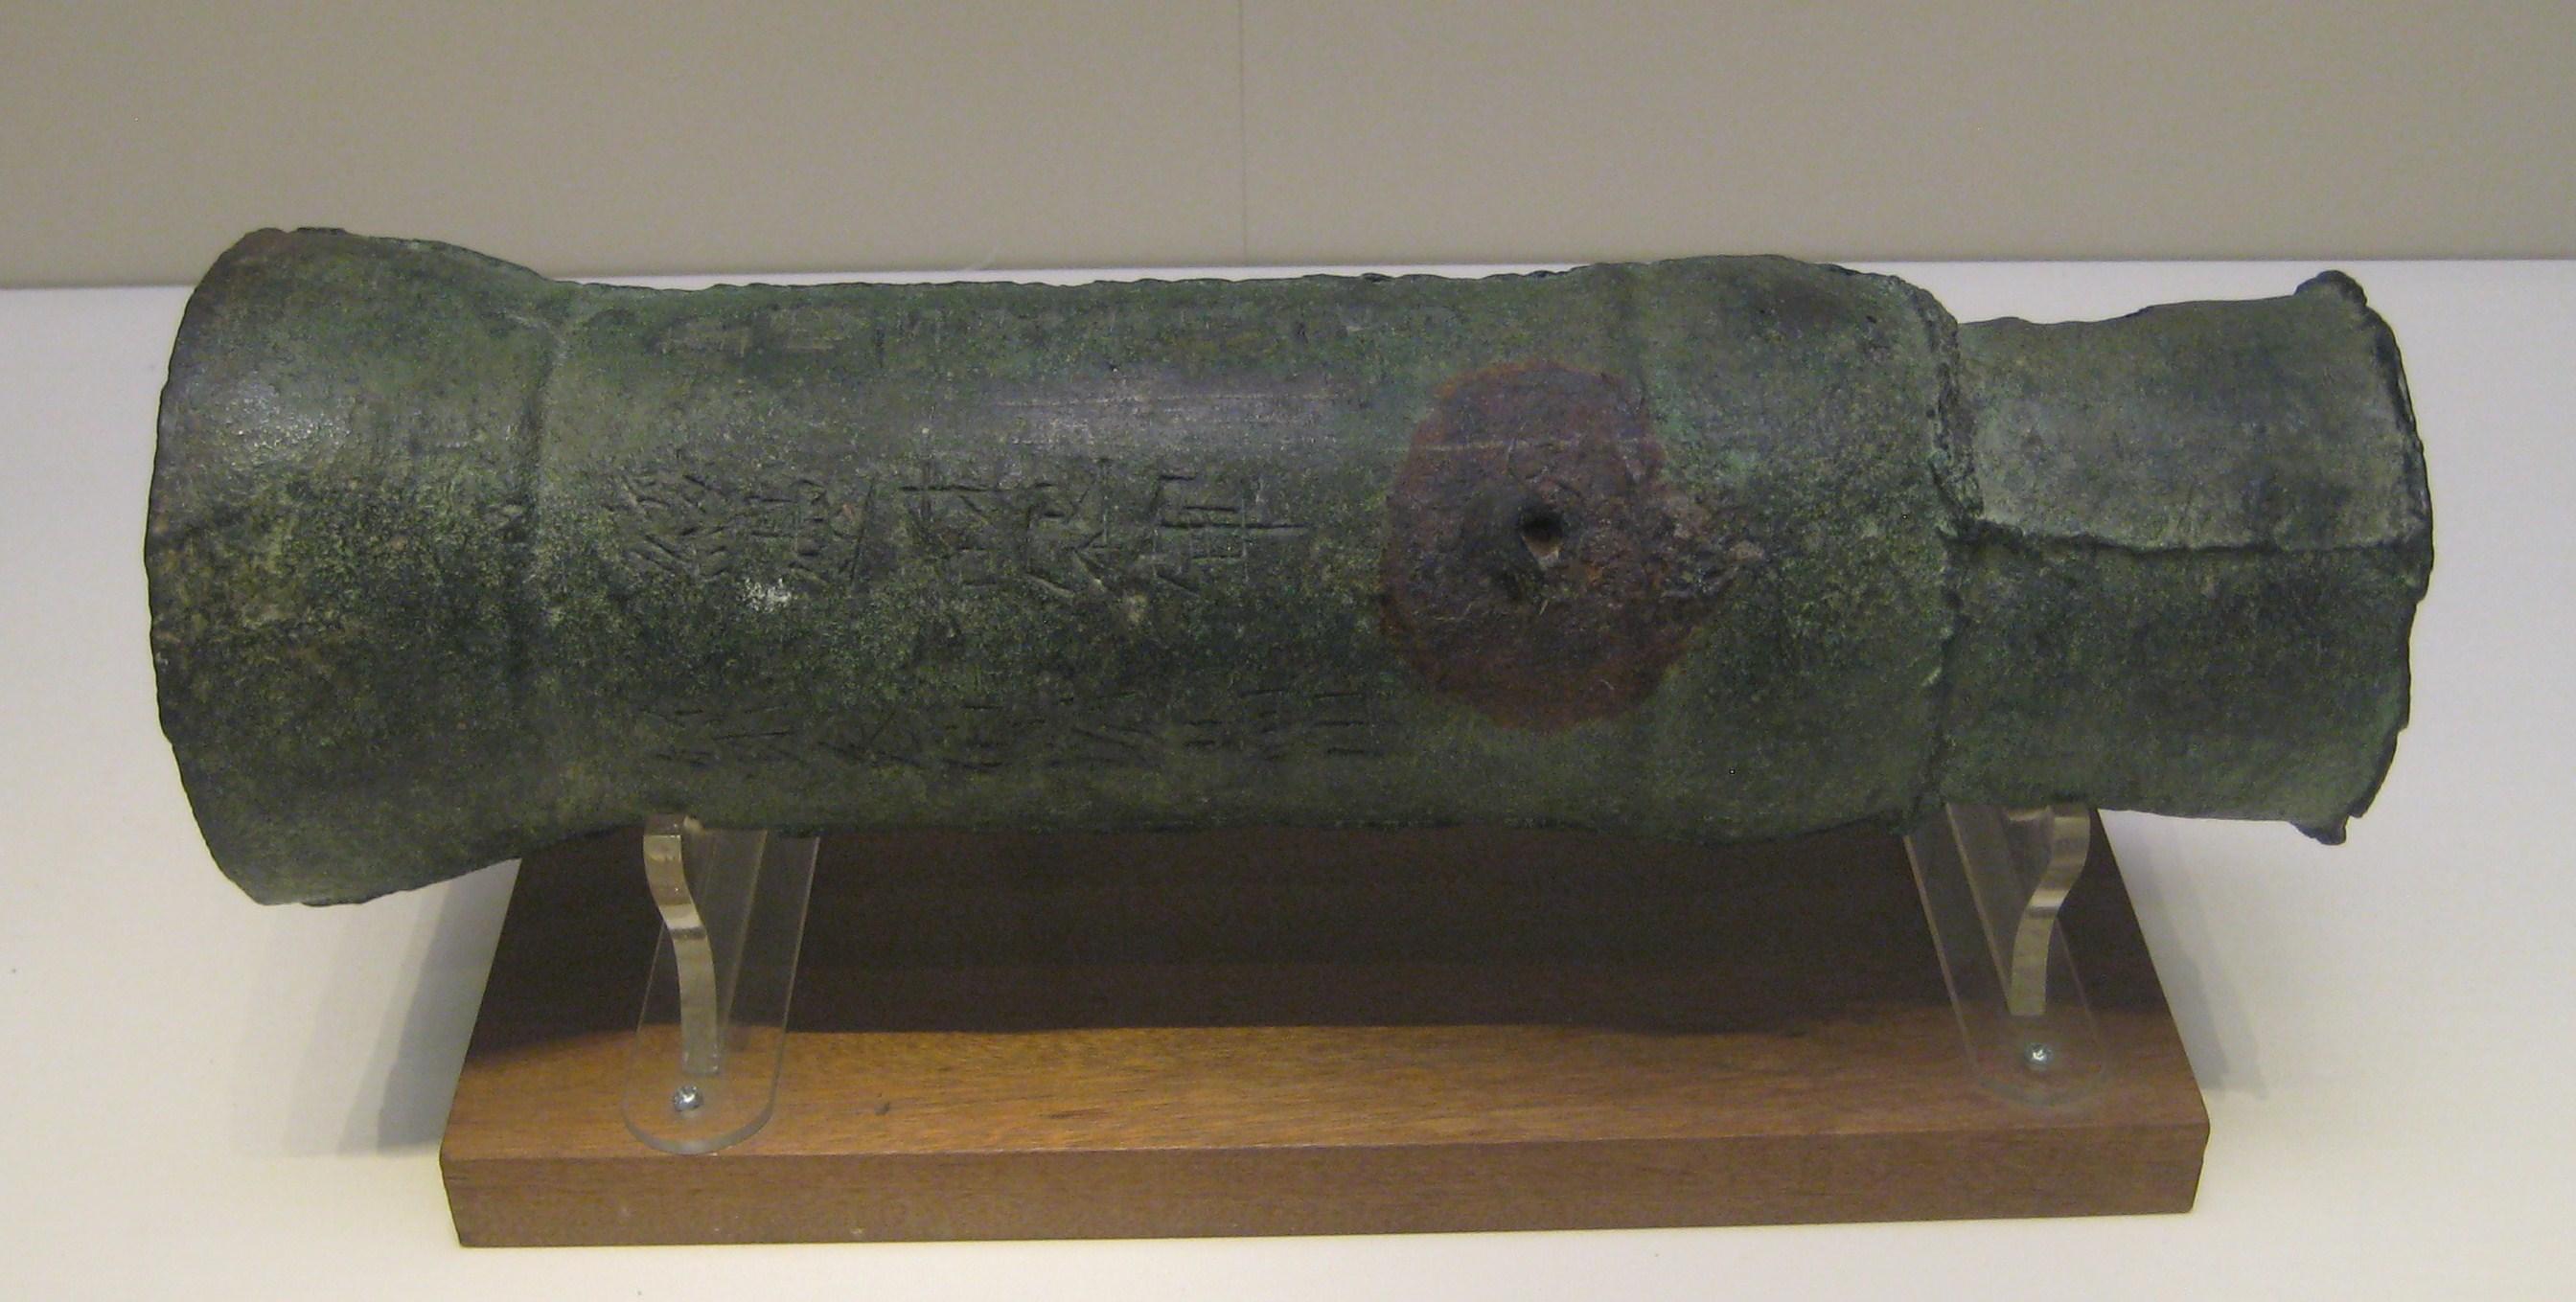 Gunpowder | Military Wiki | FANDOM powered by Wikia